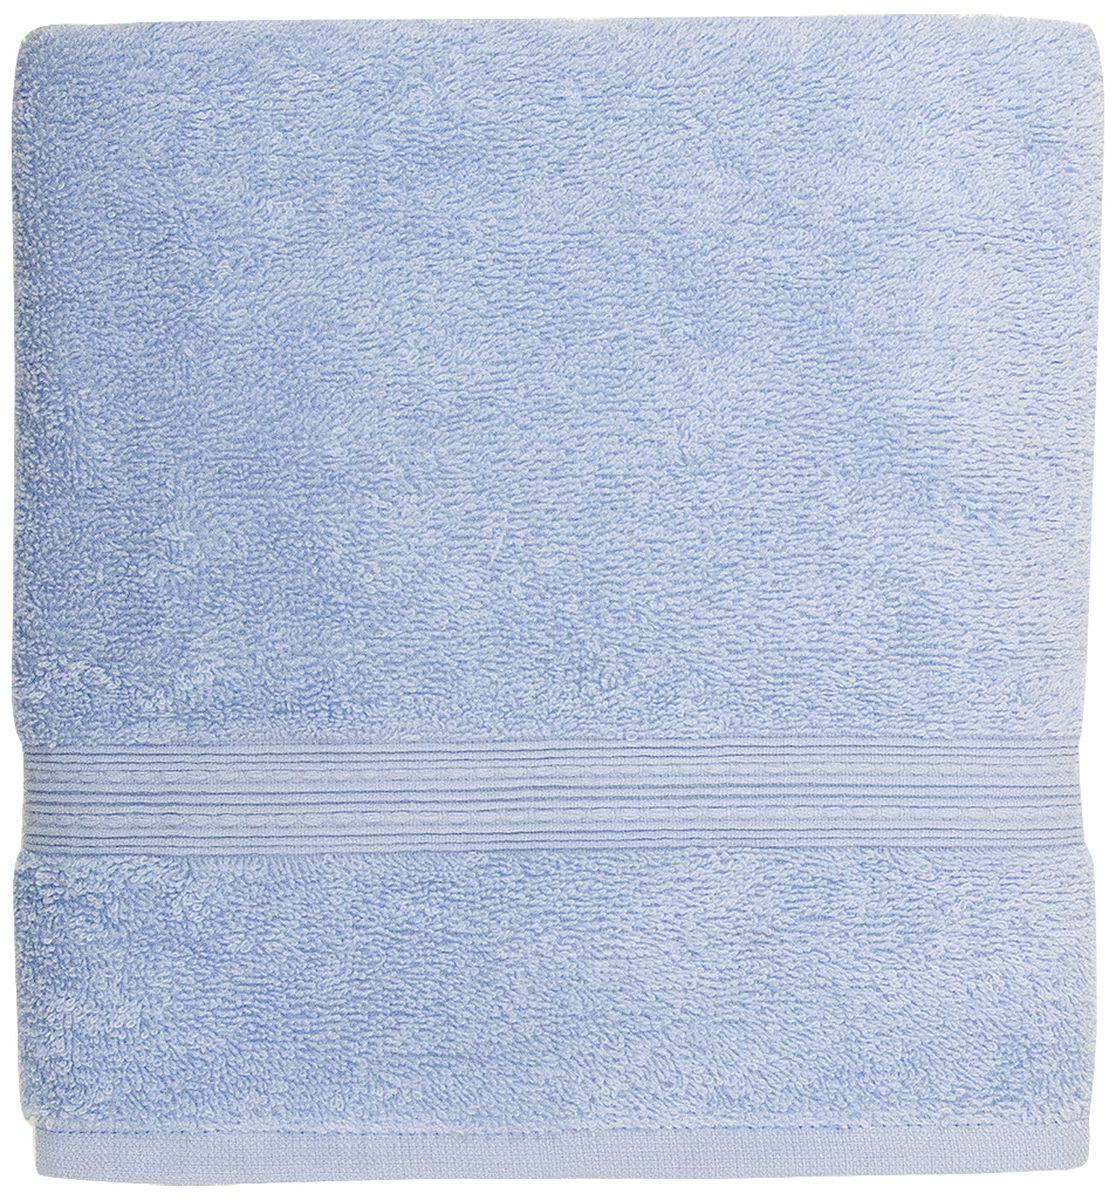 Полотенце банное Bonita Classic, цвет: азур, 70 х 140 см68/5/1Банное полотенце Bonita Classic выполнено из 100% хлопка. Изделие отлично впитывает влагу, быстро сохнет, сохраняет яркость цвета и не теряет форму даже после многократных стирок. Такое полотенце очень практично и неприхотливо в уходе. Оно создаст прекрасное настроение и украсит интерьер в ванной комнате.